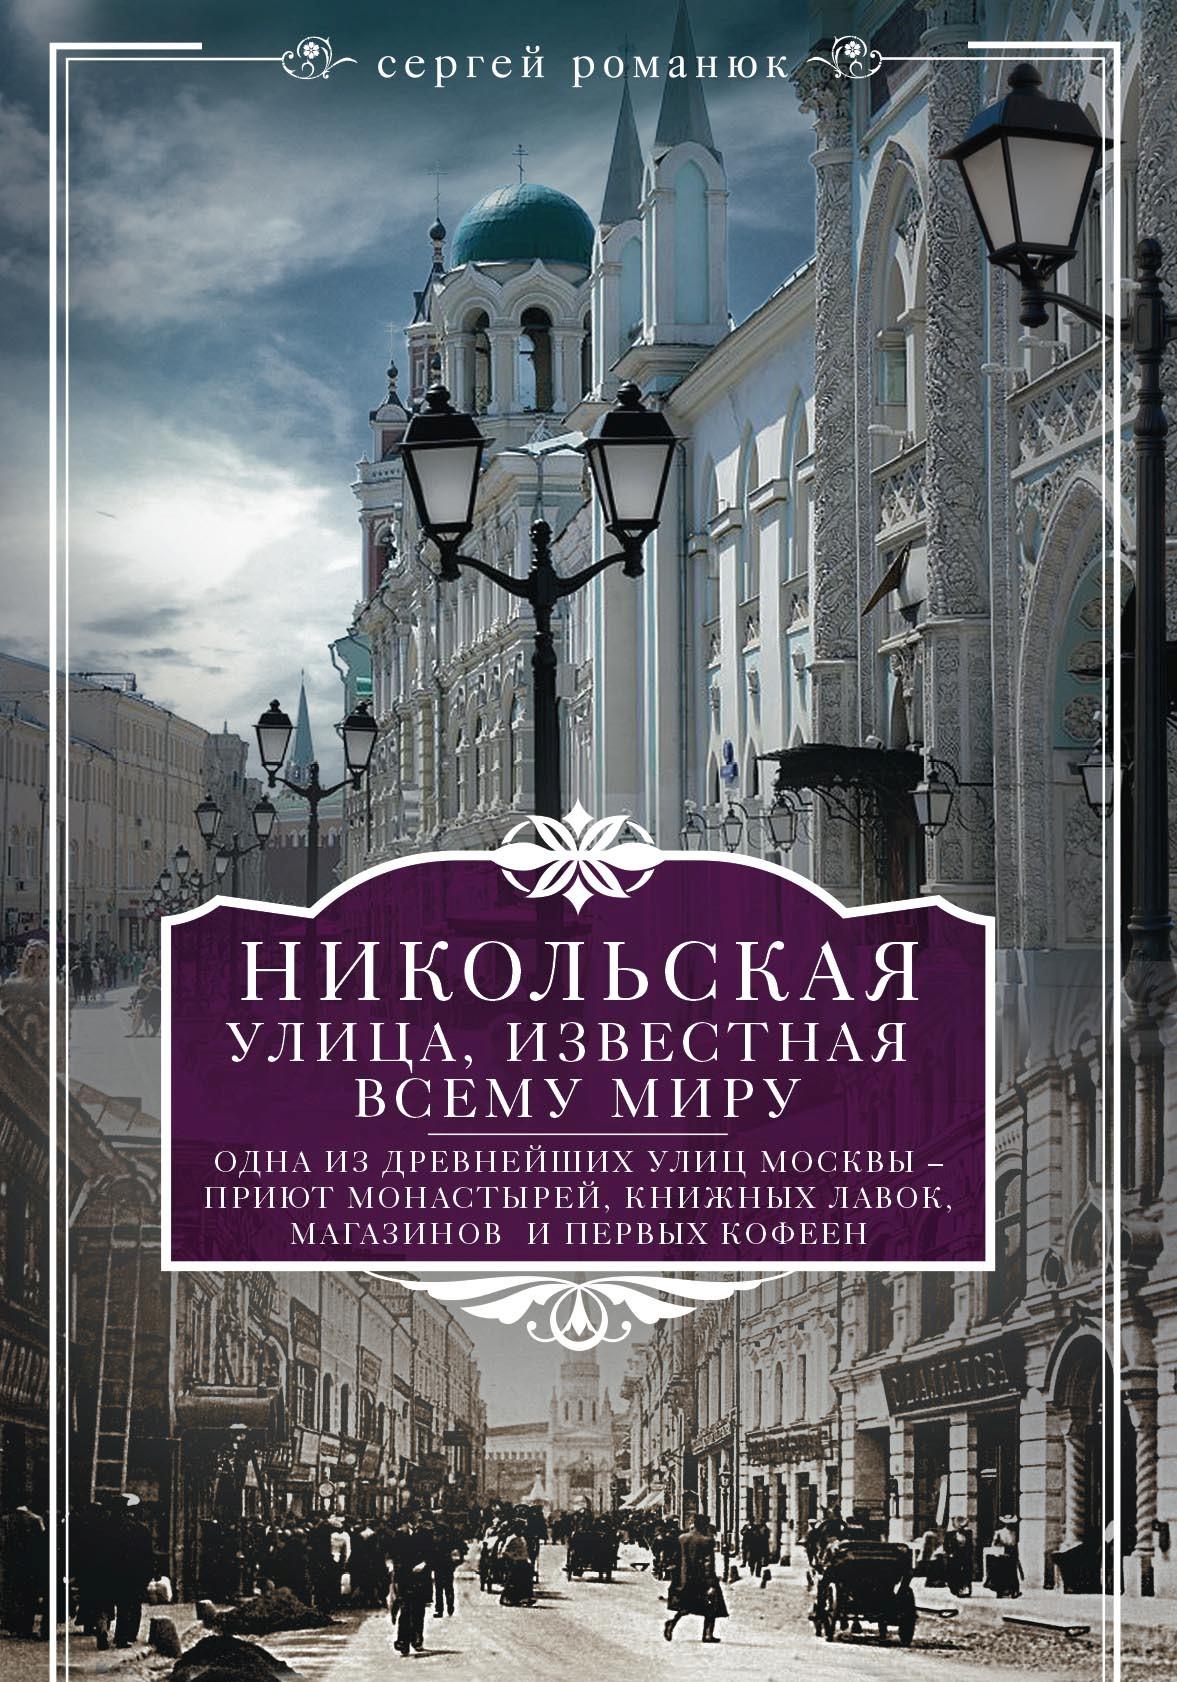 Сергей Романюк Никольская, улица известная всему миру